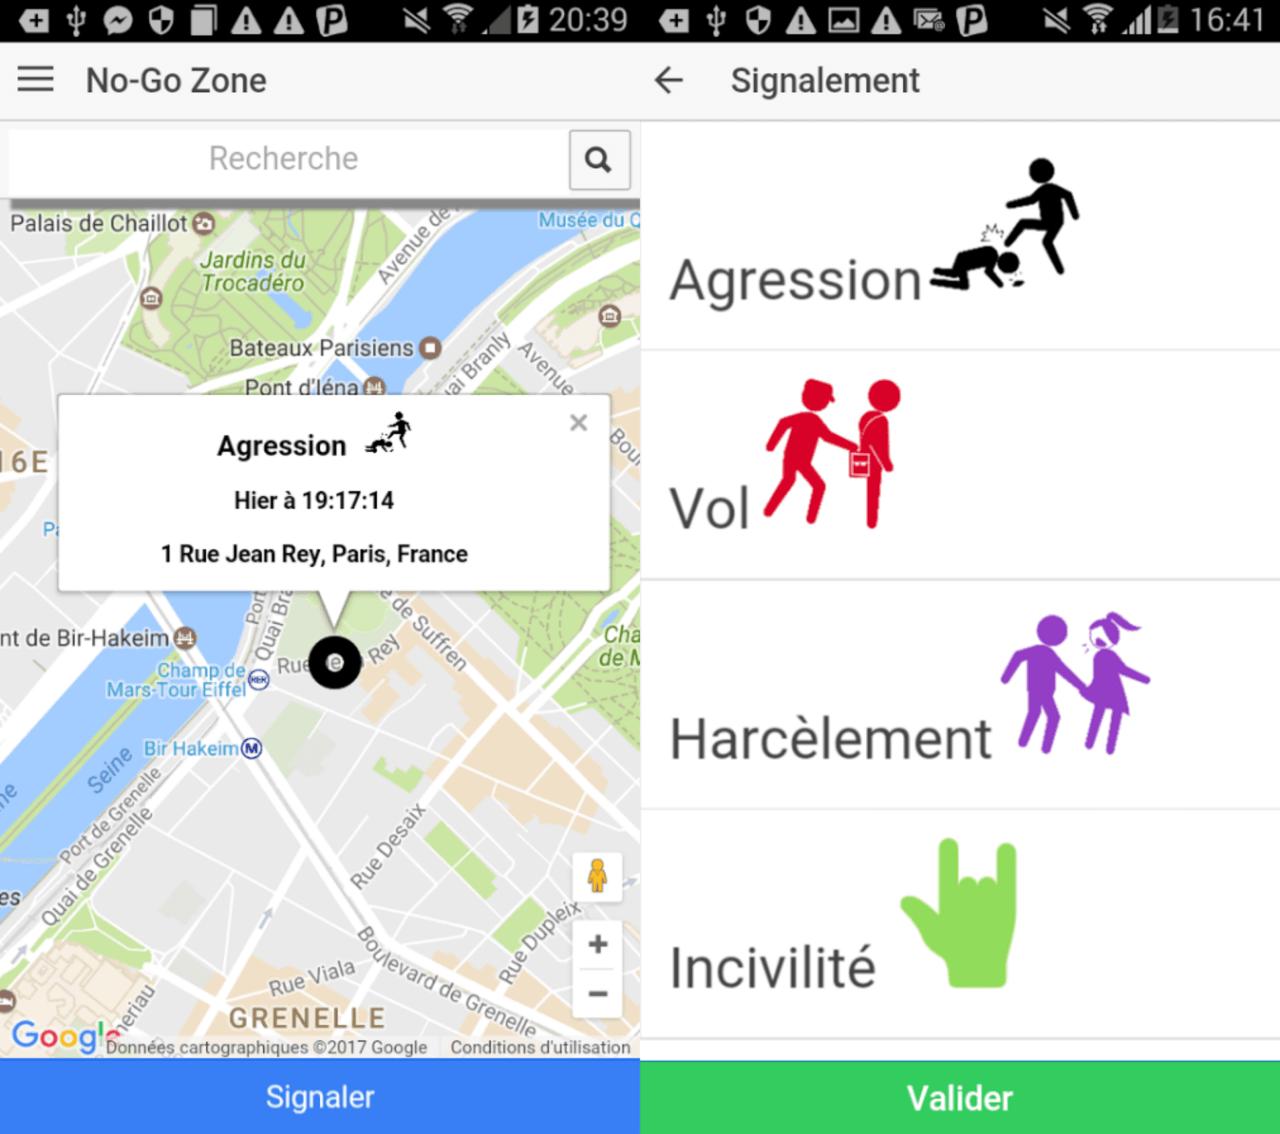 Afbeeldingsresultaat voor app no-go